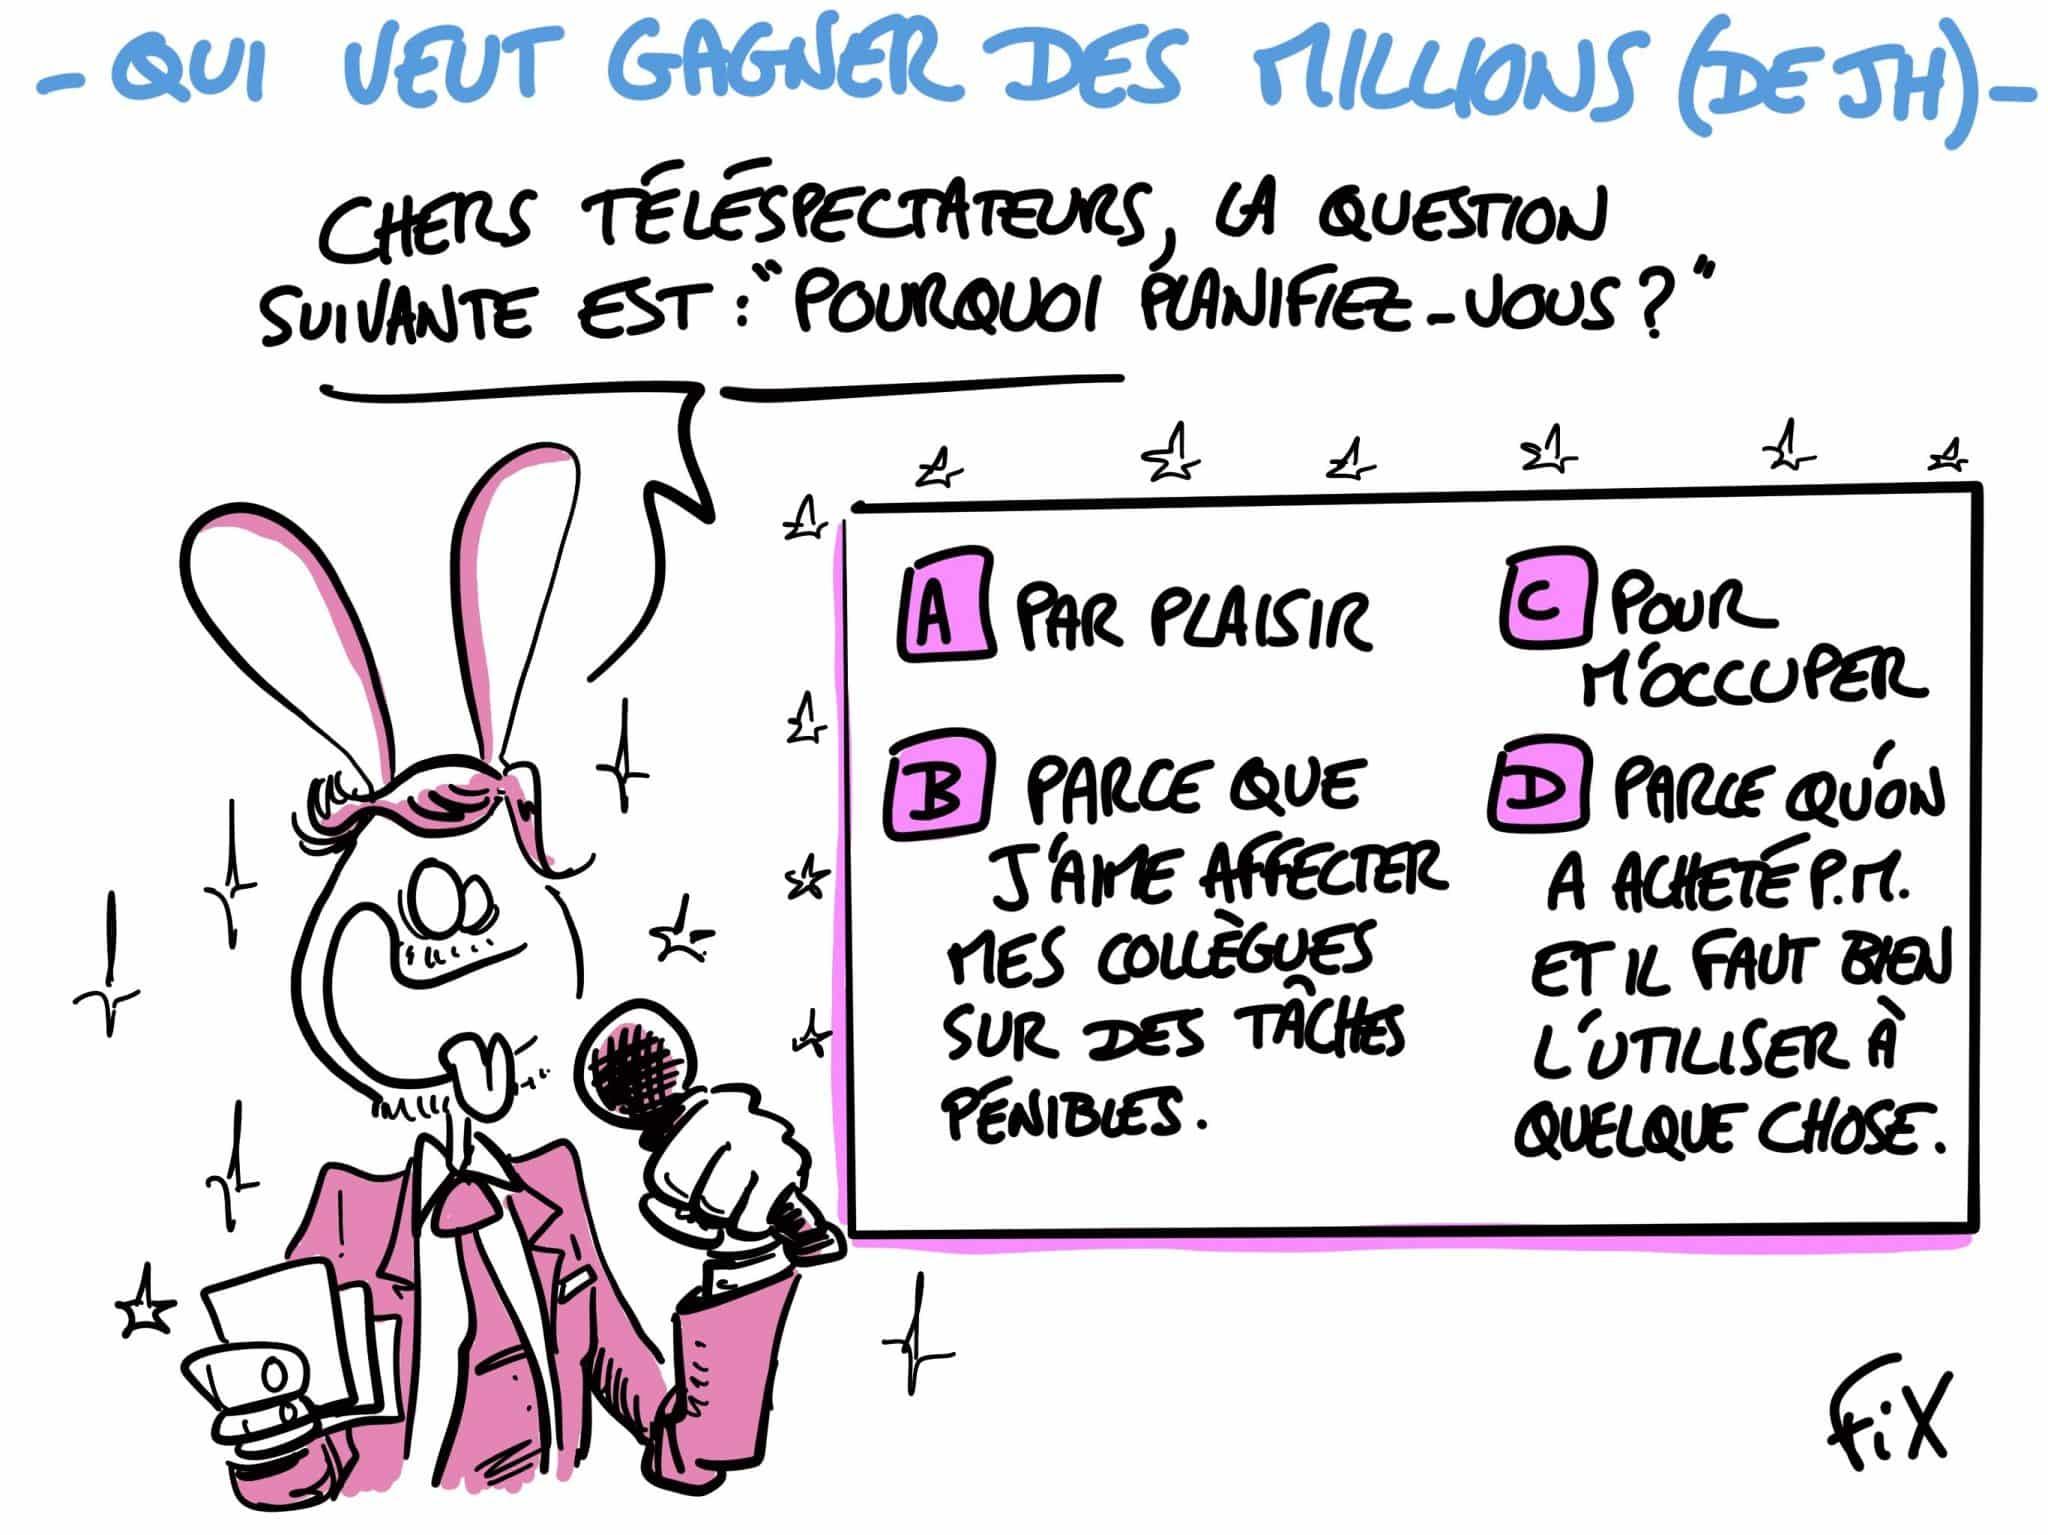 Caricature de FIX - Qui veut gagner des millions (de JH)